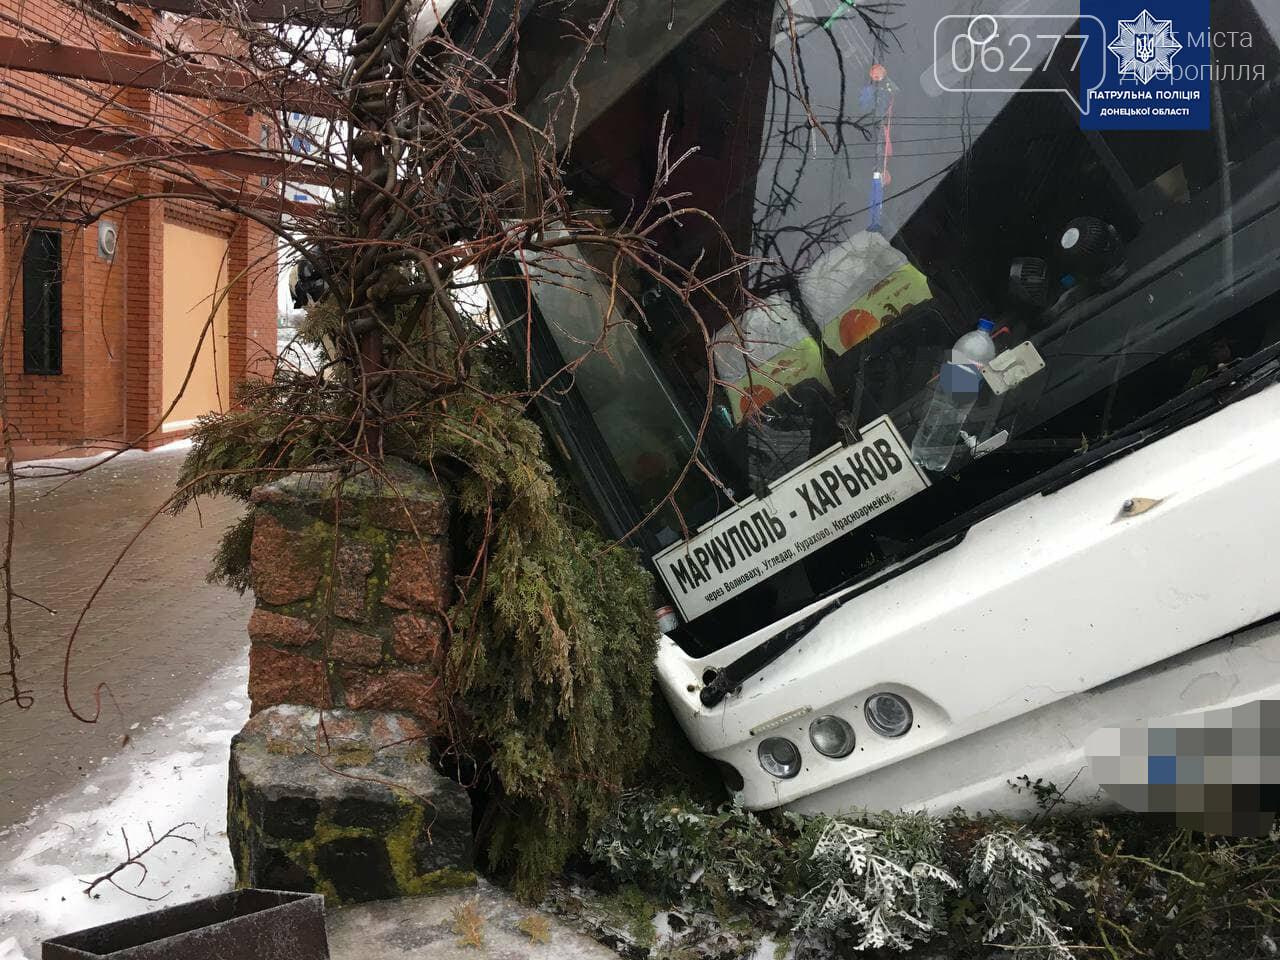 В Донецкой области в кювет съехал рейсовый междугородний автобус, фото-1